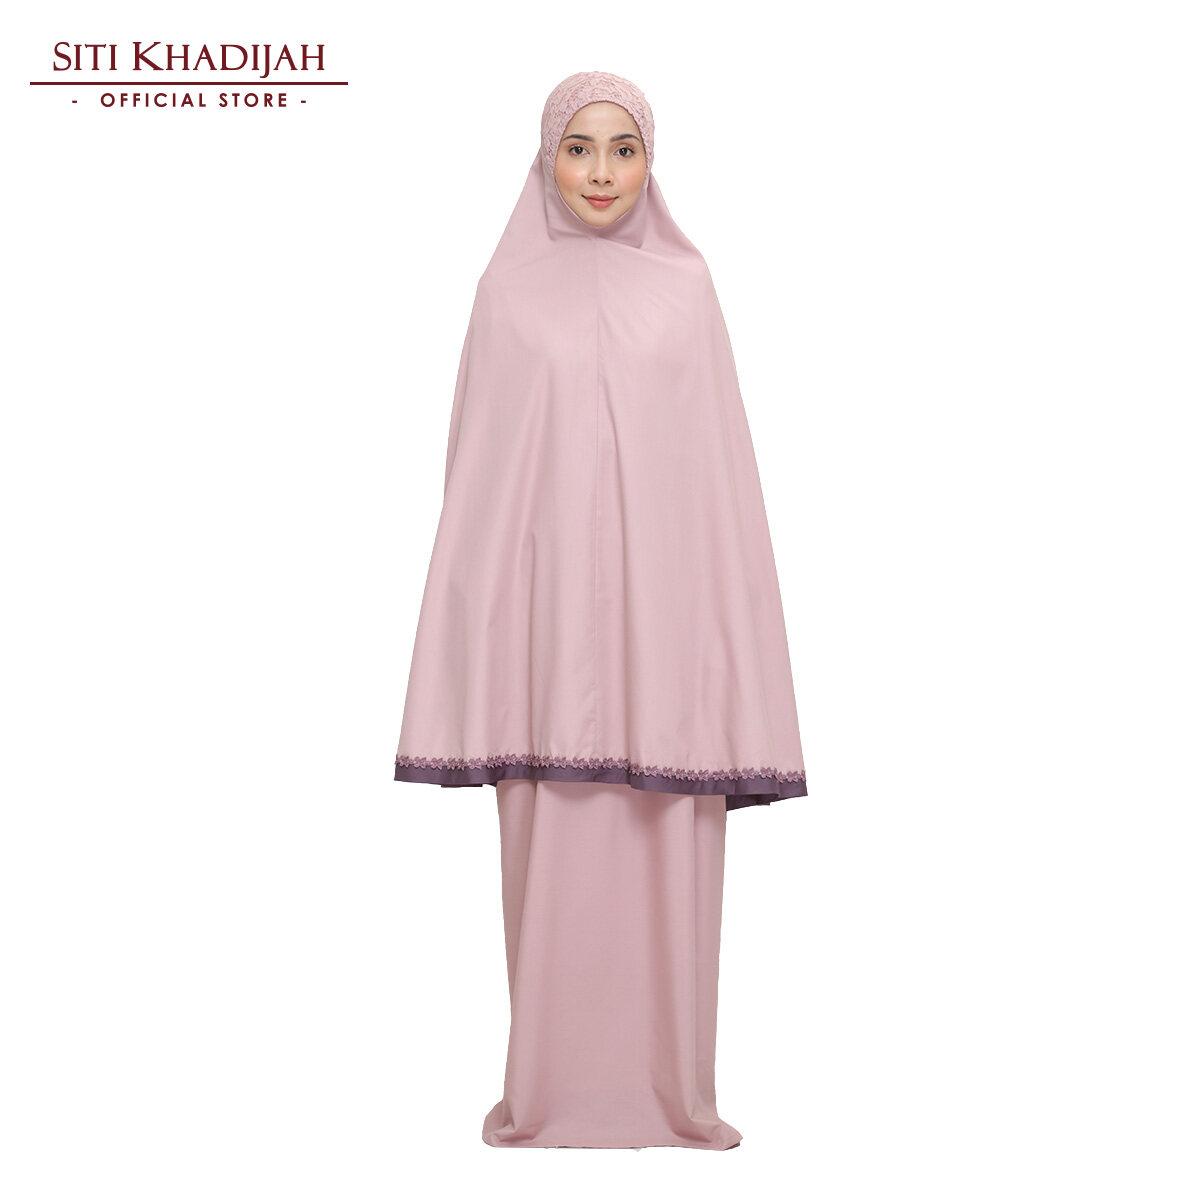 Siti Khadijah Modish Akasia (Foc Pouch Bag + Tote Bag in Pink)